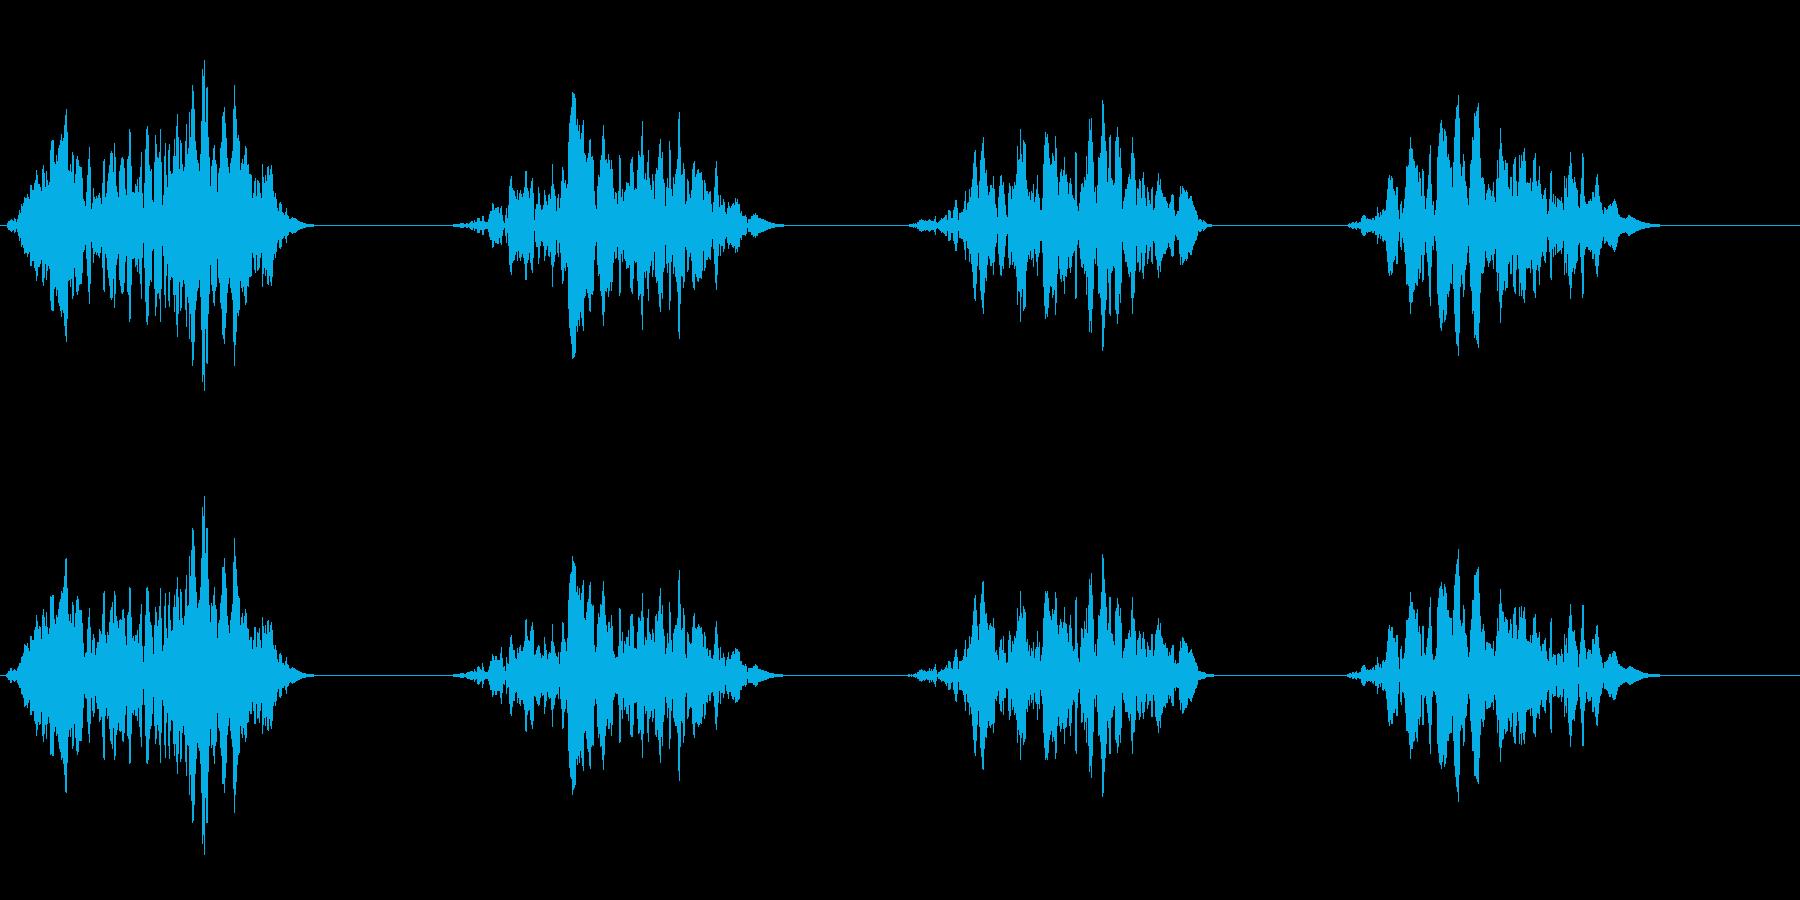 フォンフォンという引きずり音の再生済みの波形